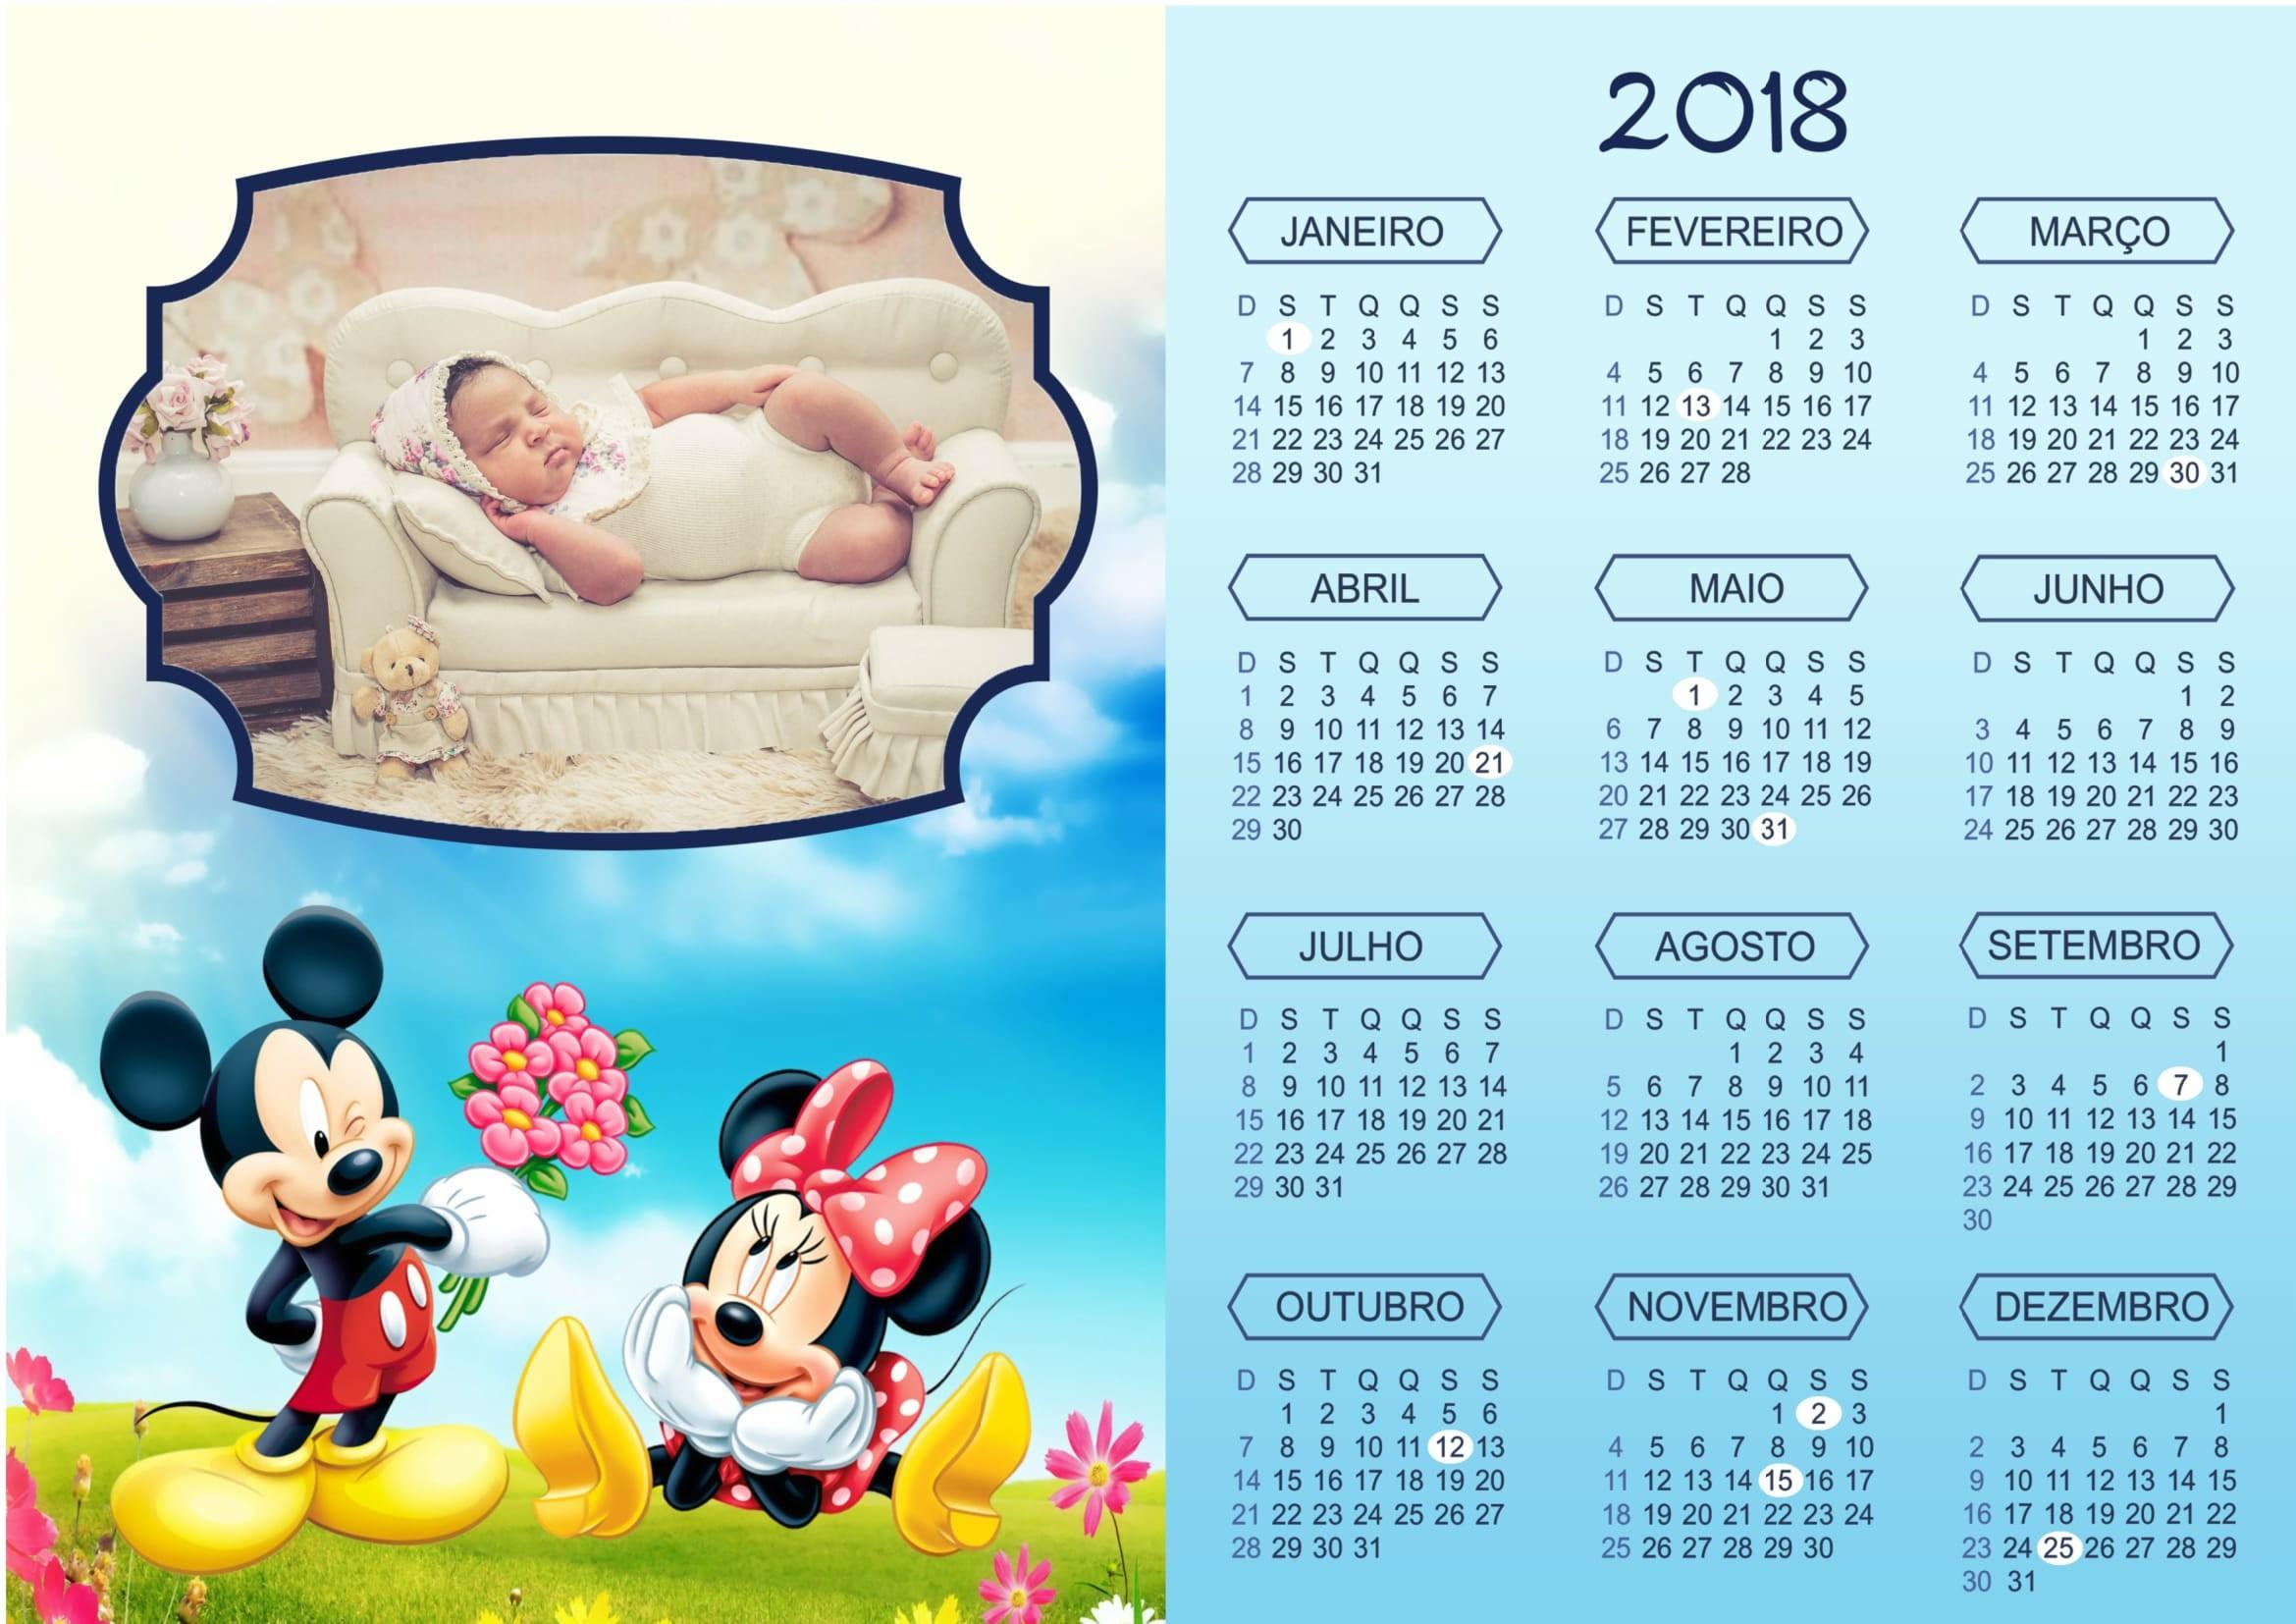 Calendário 2018 Moldura Mickey e Minnie Mouse no Natal